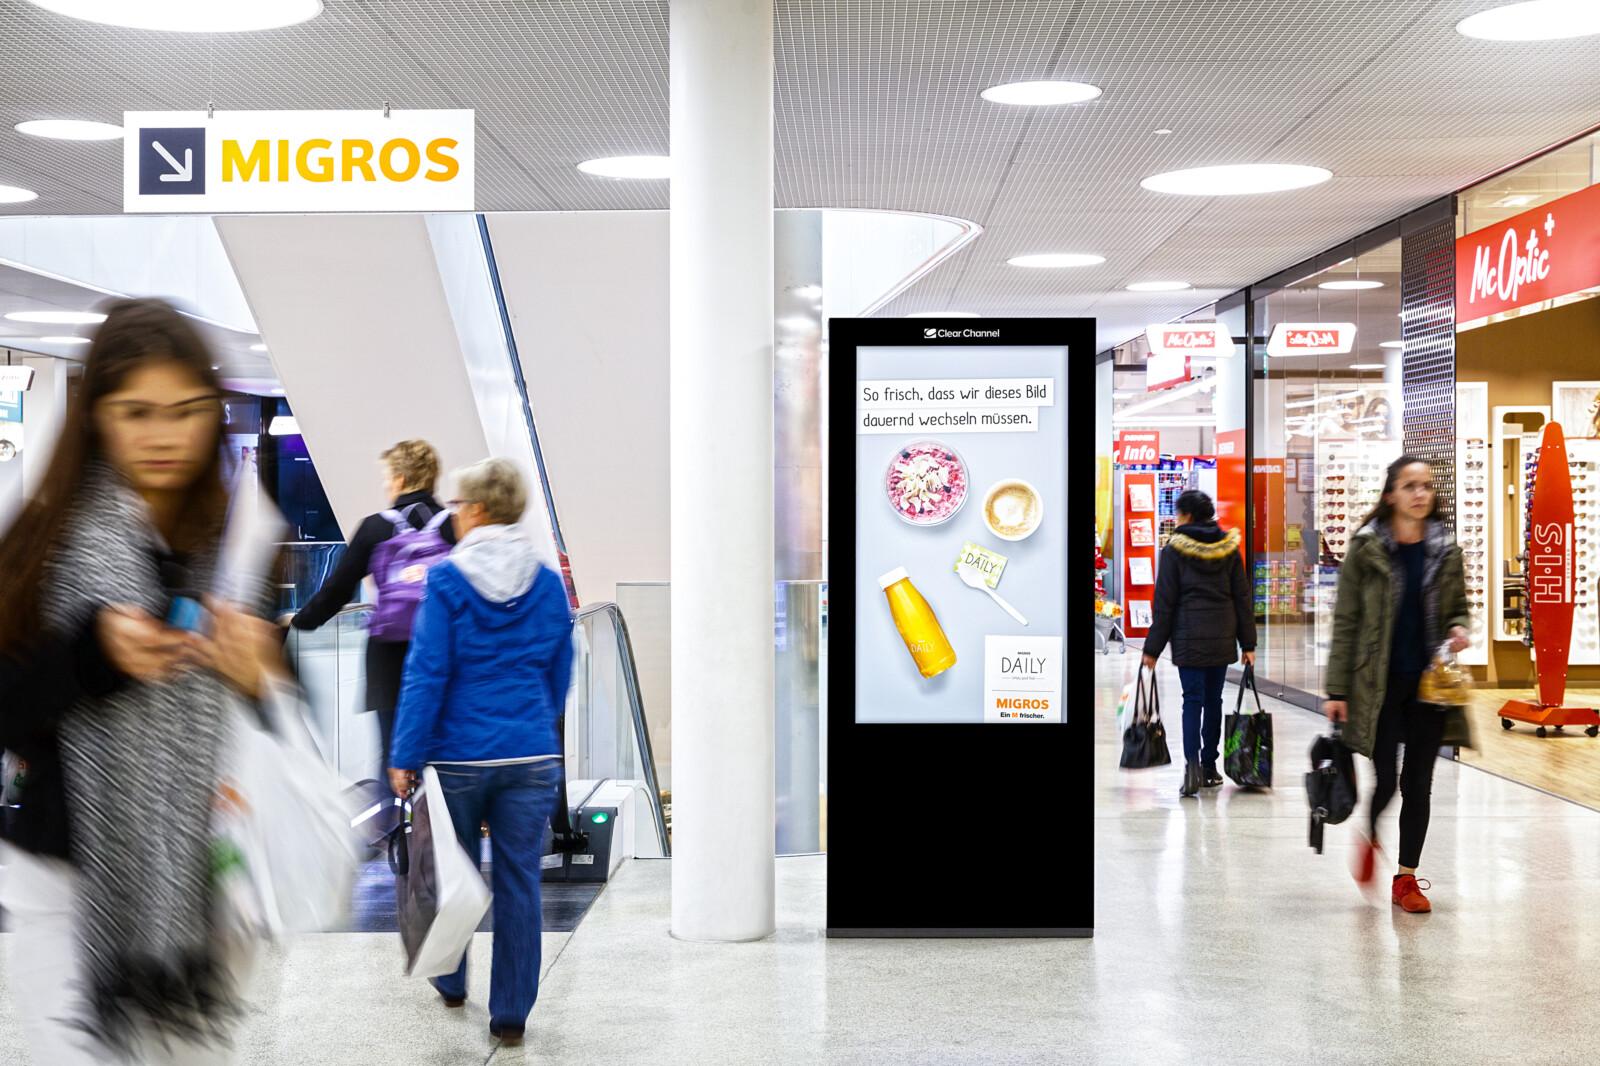 Plakat im Einkaufszentrum in Burgdorf - Digitale Werbung auf Screen im Shoppingcenter – mit Plakat Absatz steigern am POS - Hohe Reichweite, Flexibilität, dynamische Aussteuerung und Motivanpassung